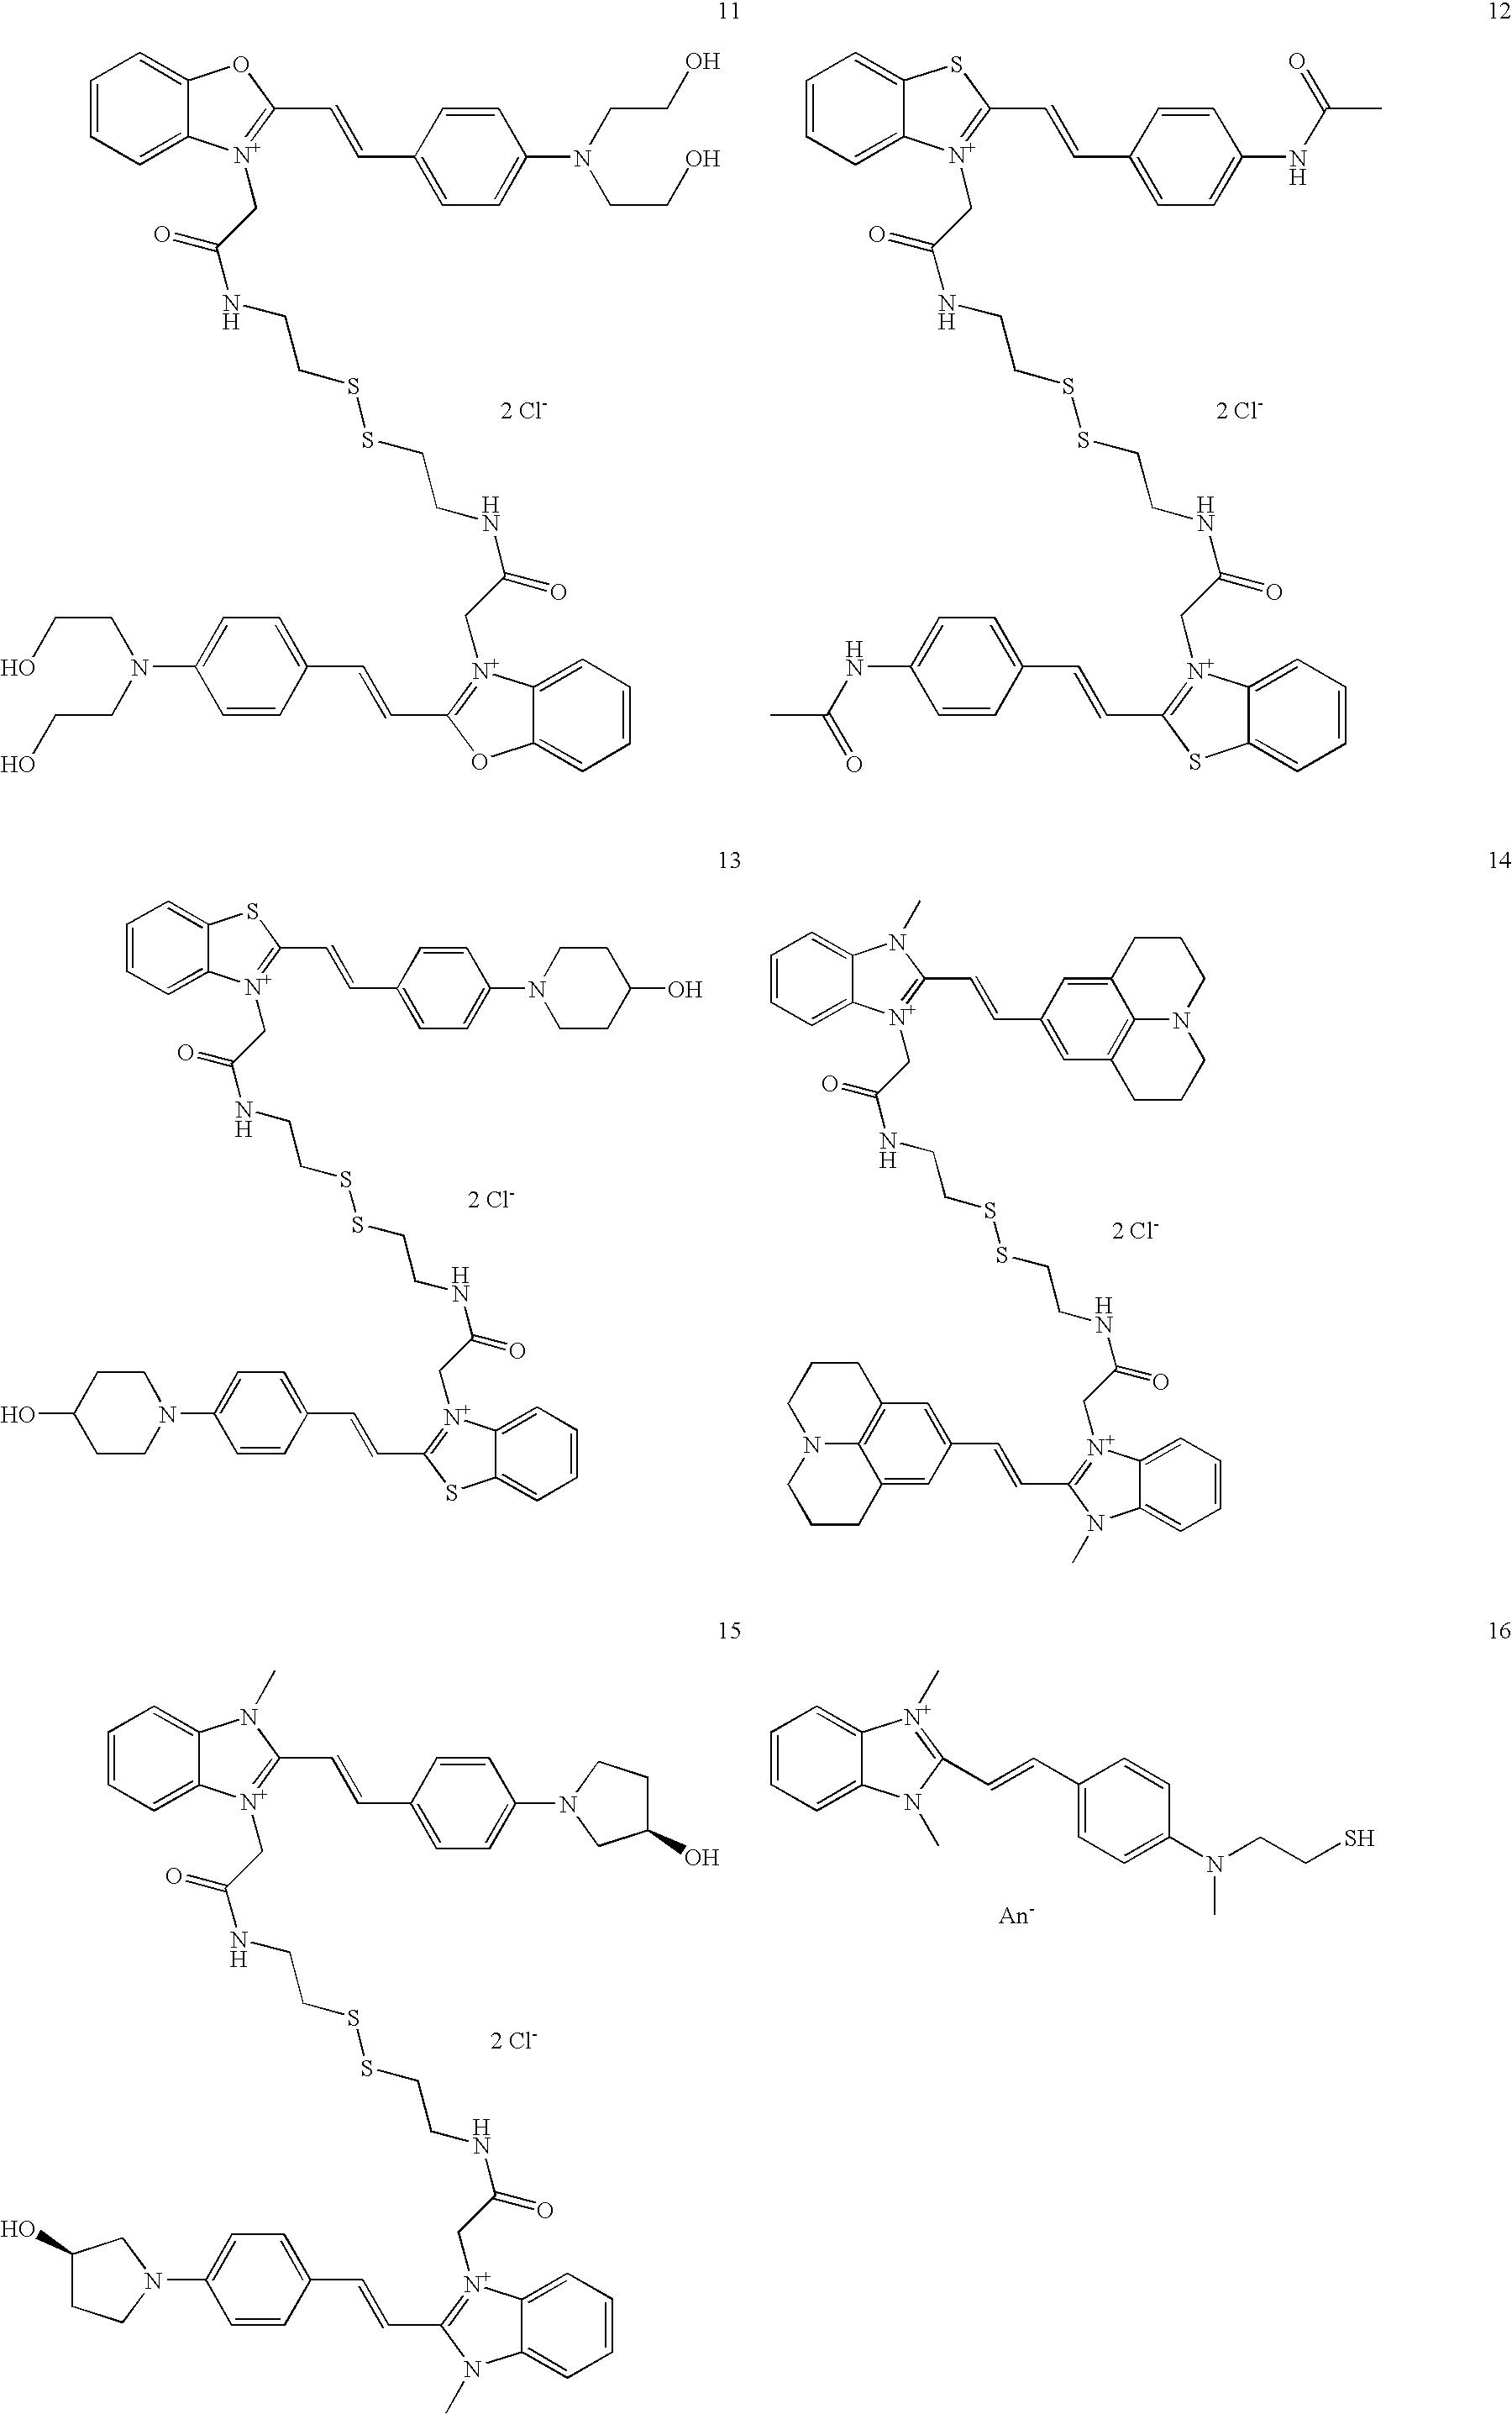 Figure US20090211038A1-20090827-C00061